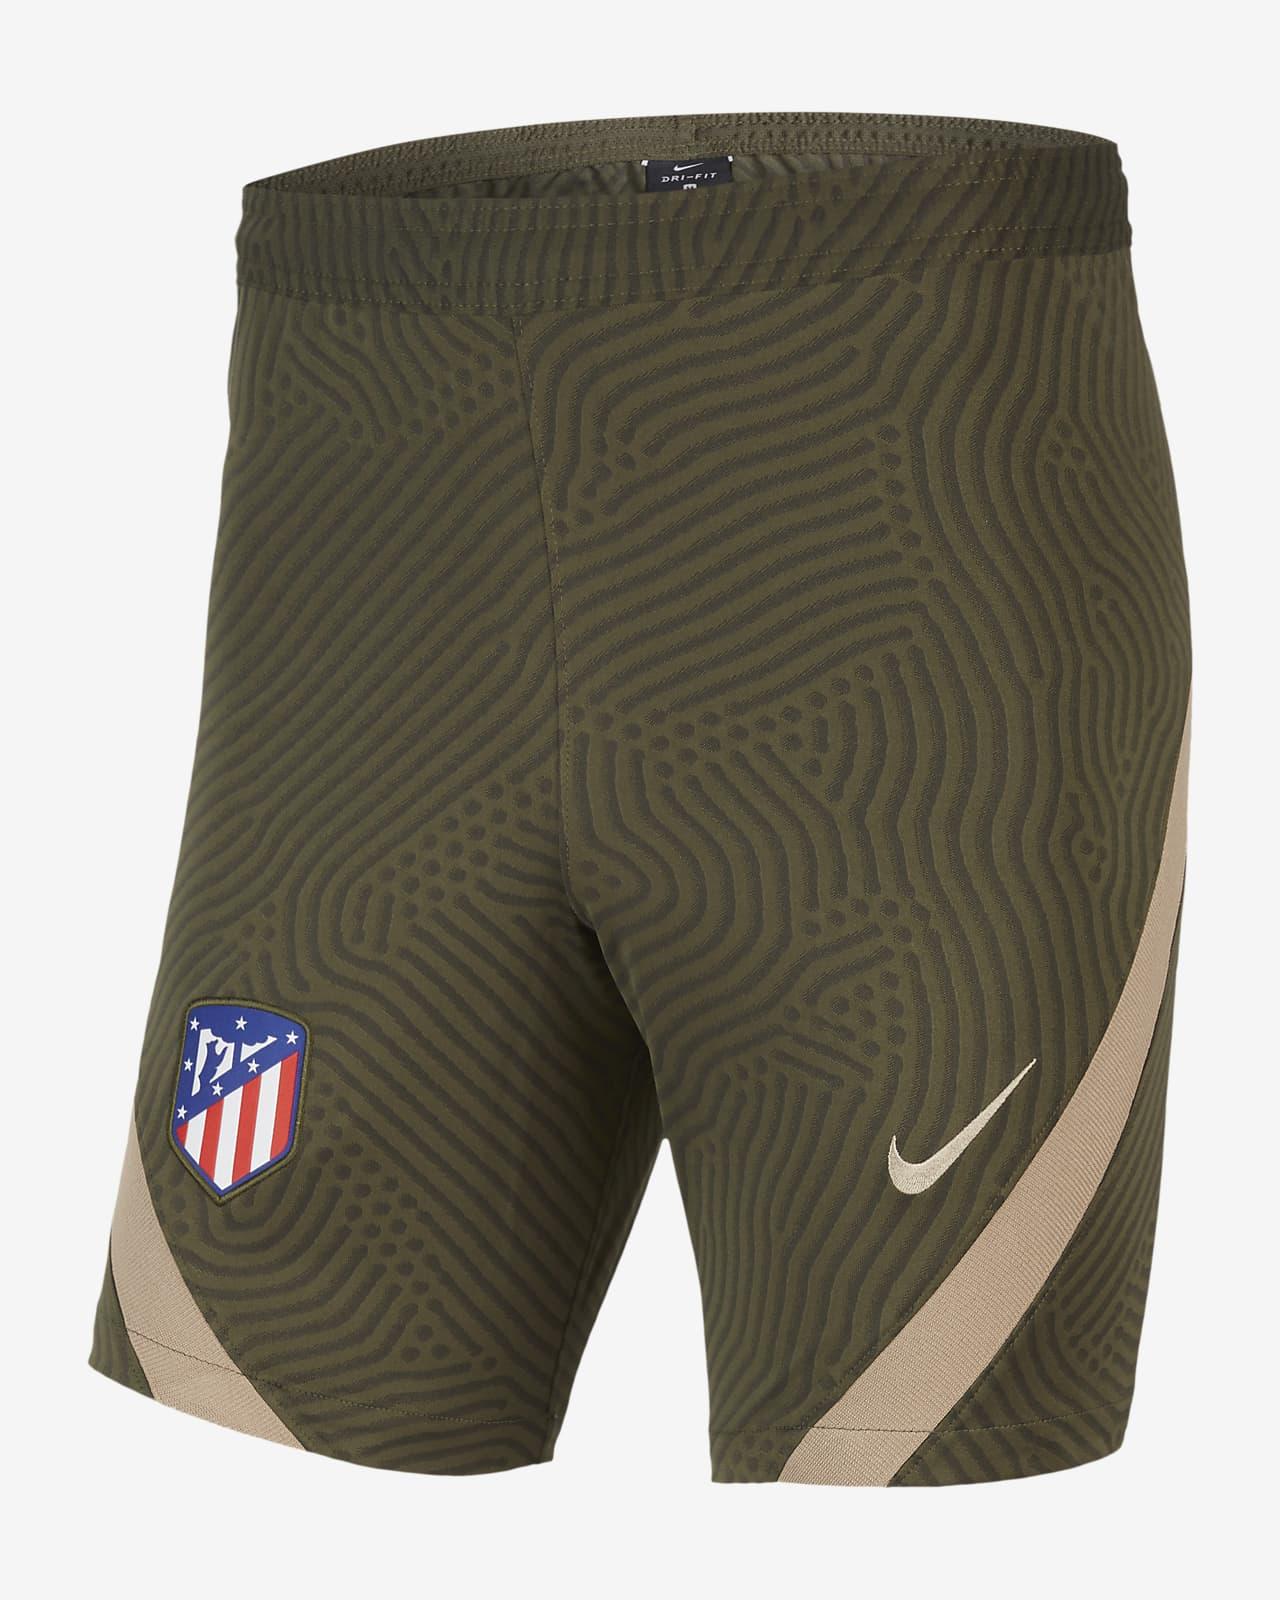 Atlético de Madrid Strike Men's Knit Football Shorts